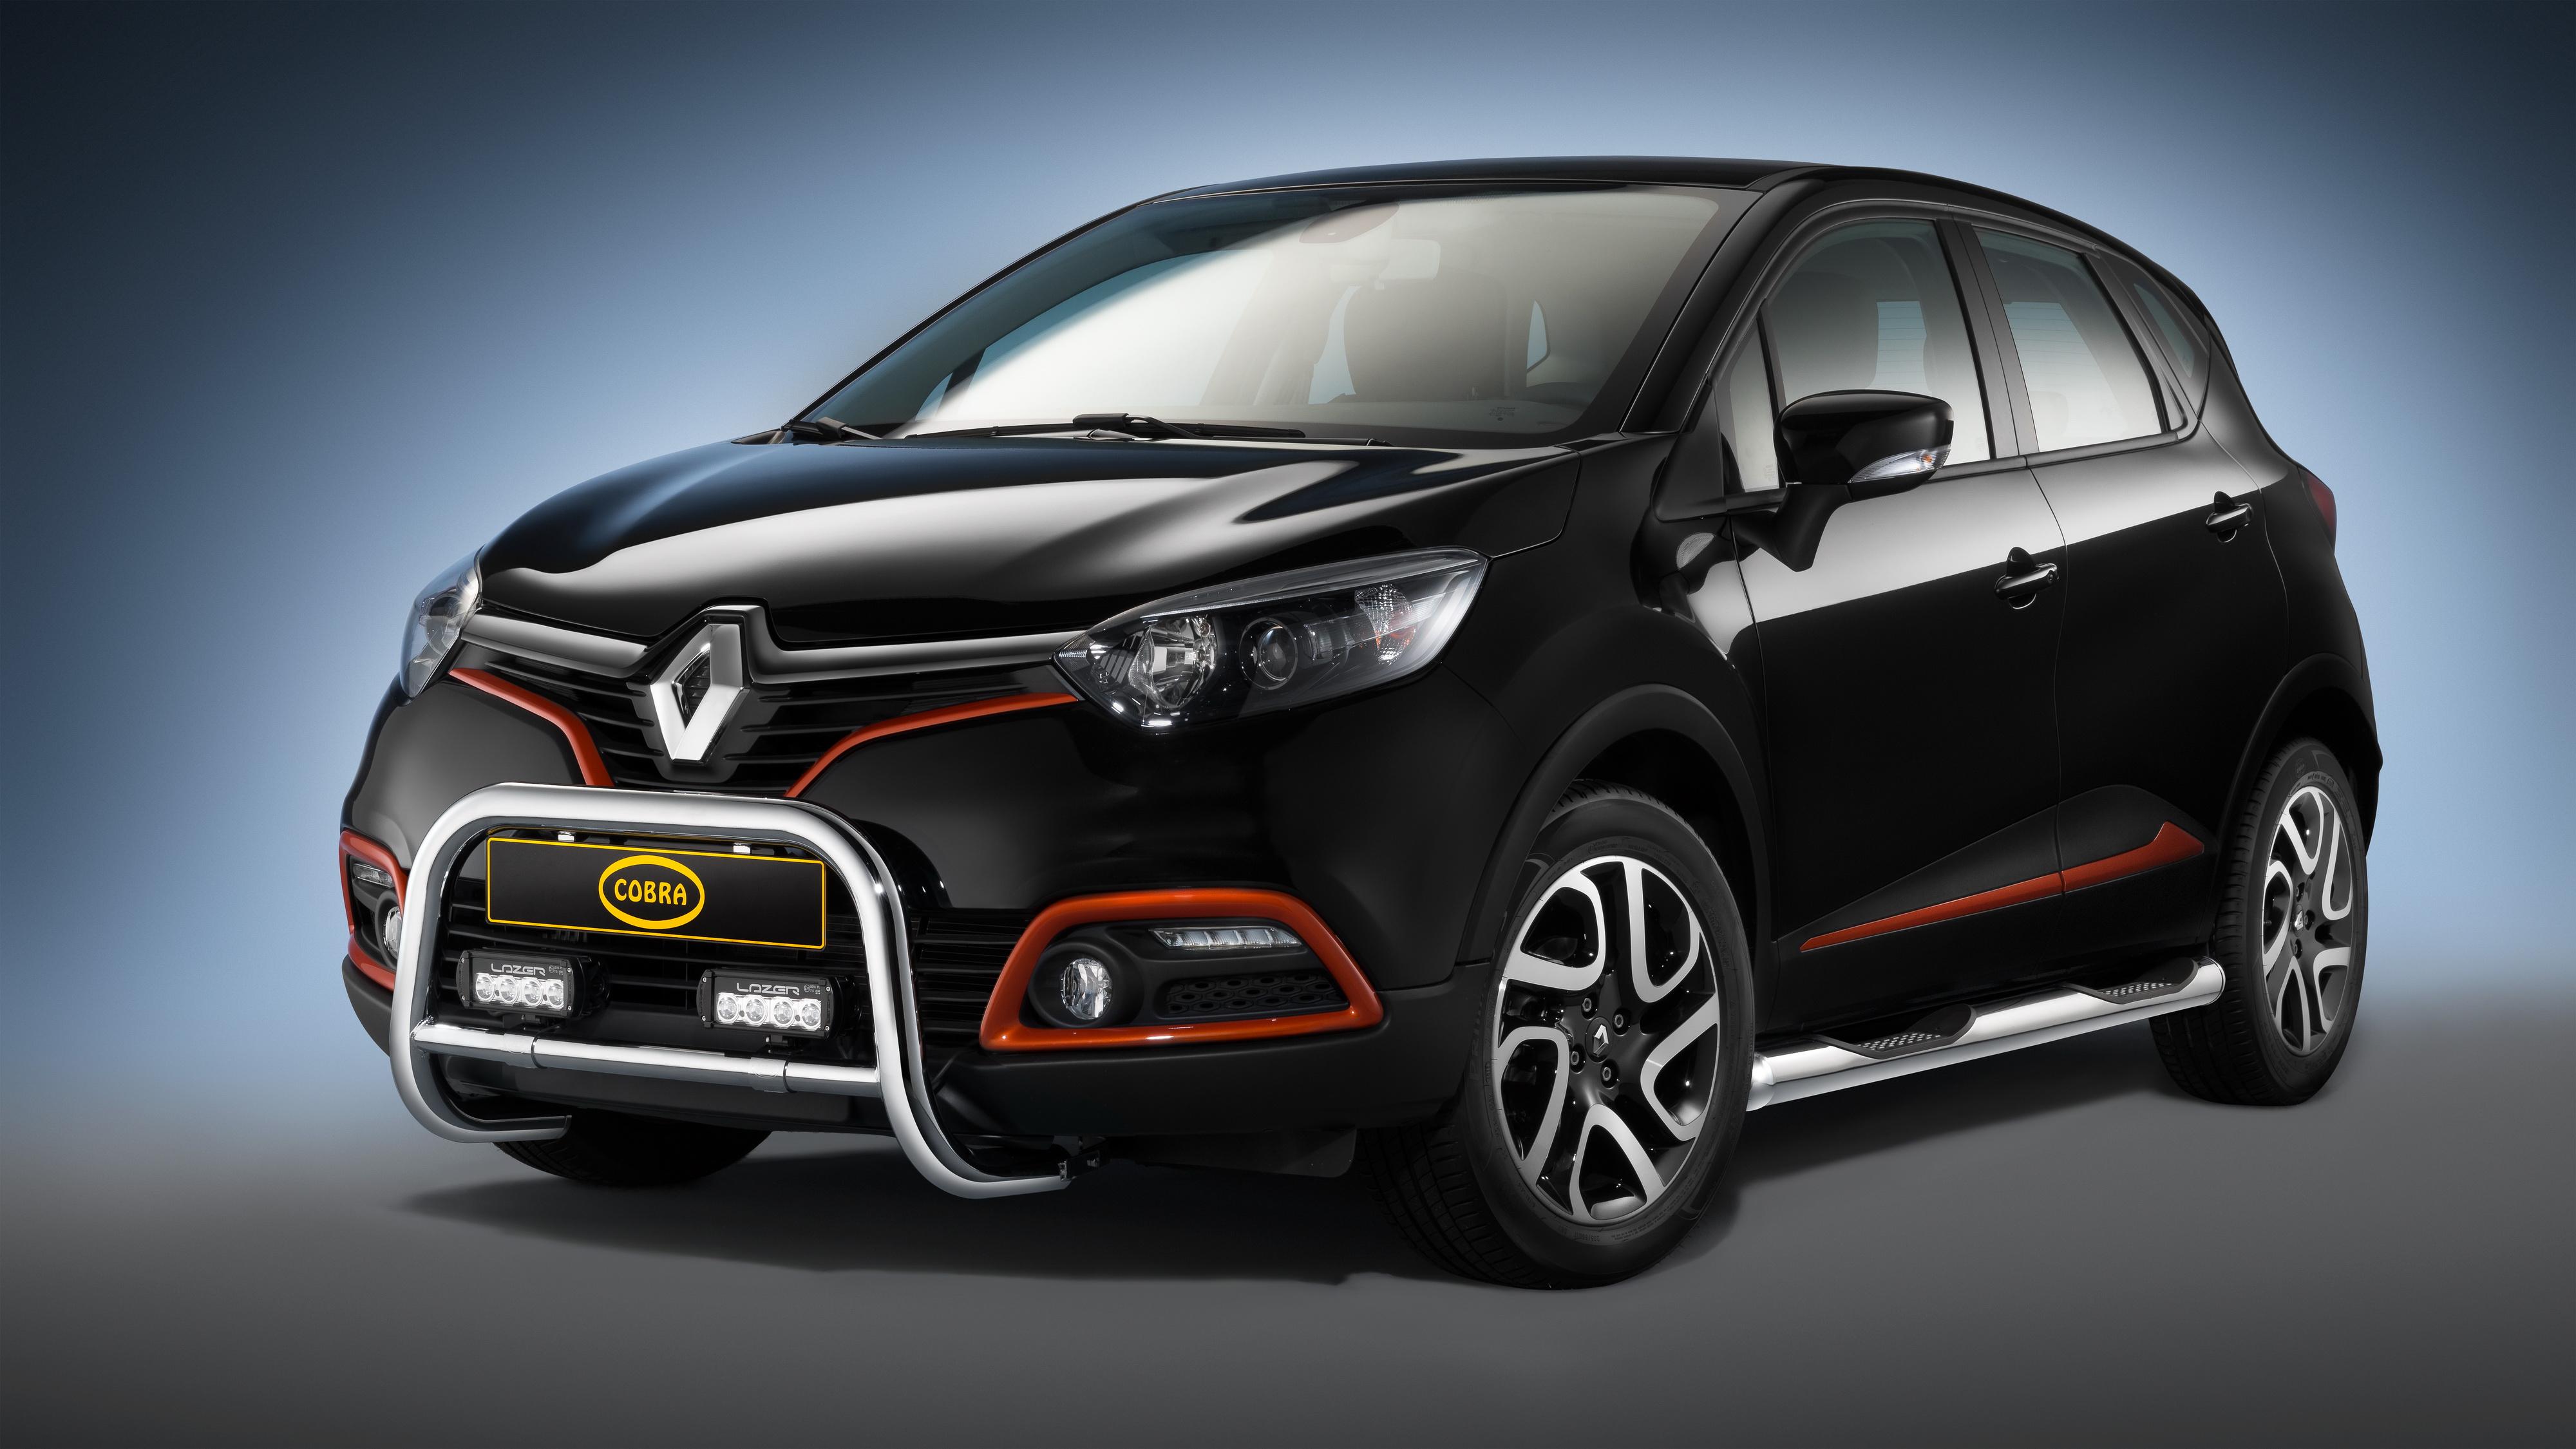 Renault_Captur_exklusives_Zubehör_Cobra_Technology_Lifestyle_1